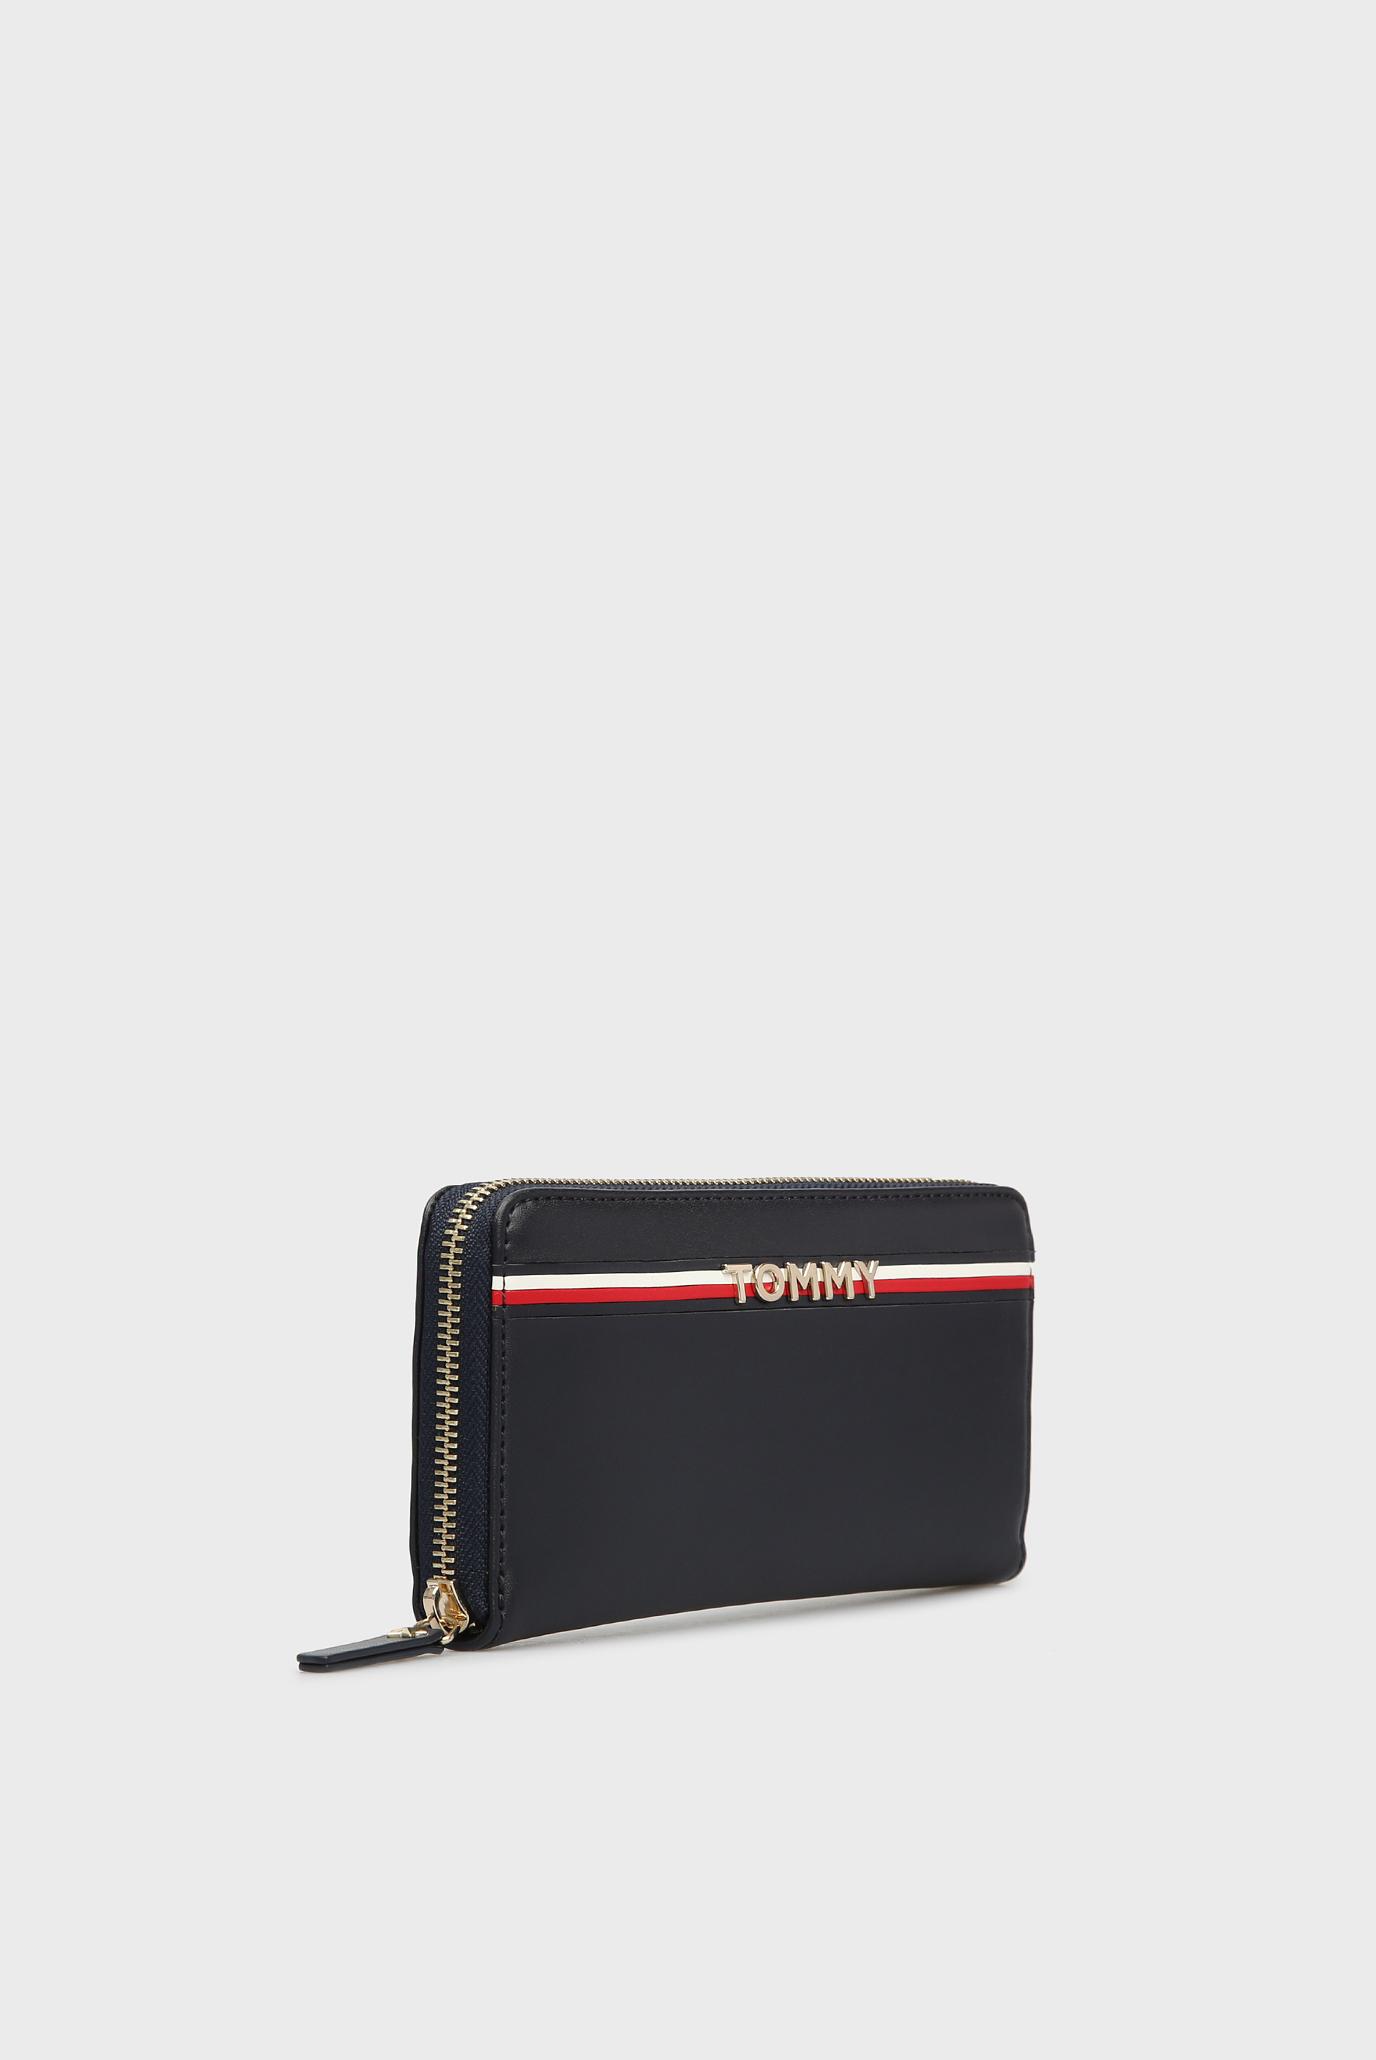 Купить Женский темно-синий кожаный кошелек CORP LEATHER Tommy Hilfiger Tommy Hilfiger AW0AW05755 – Киев, Украина. Цены в интернет магазине MD Fashion